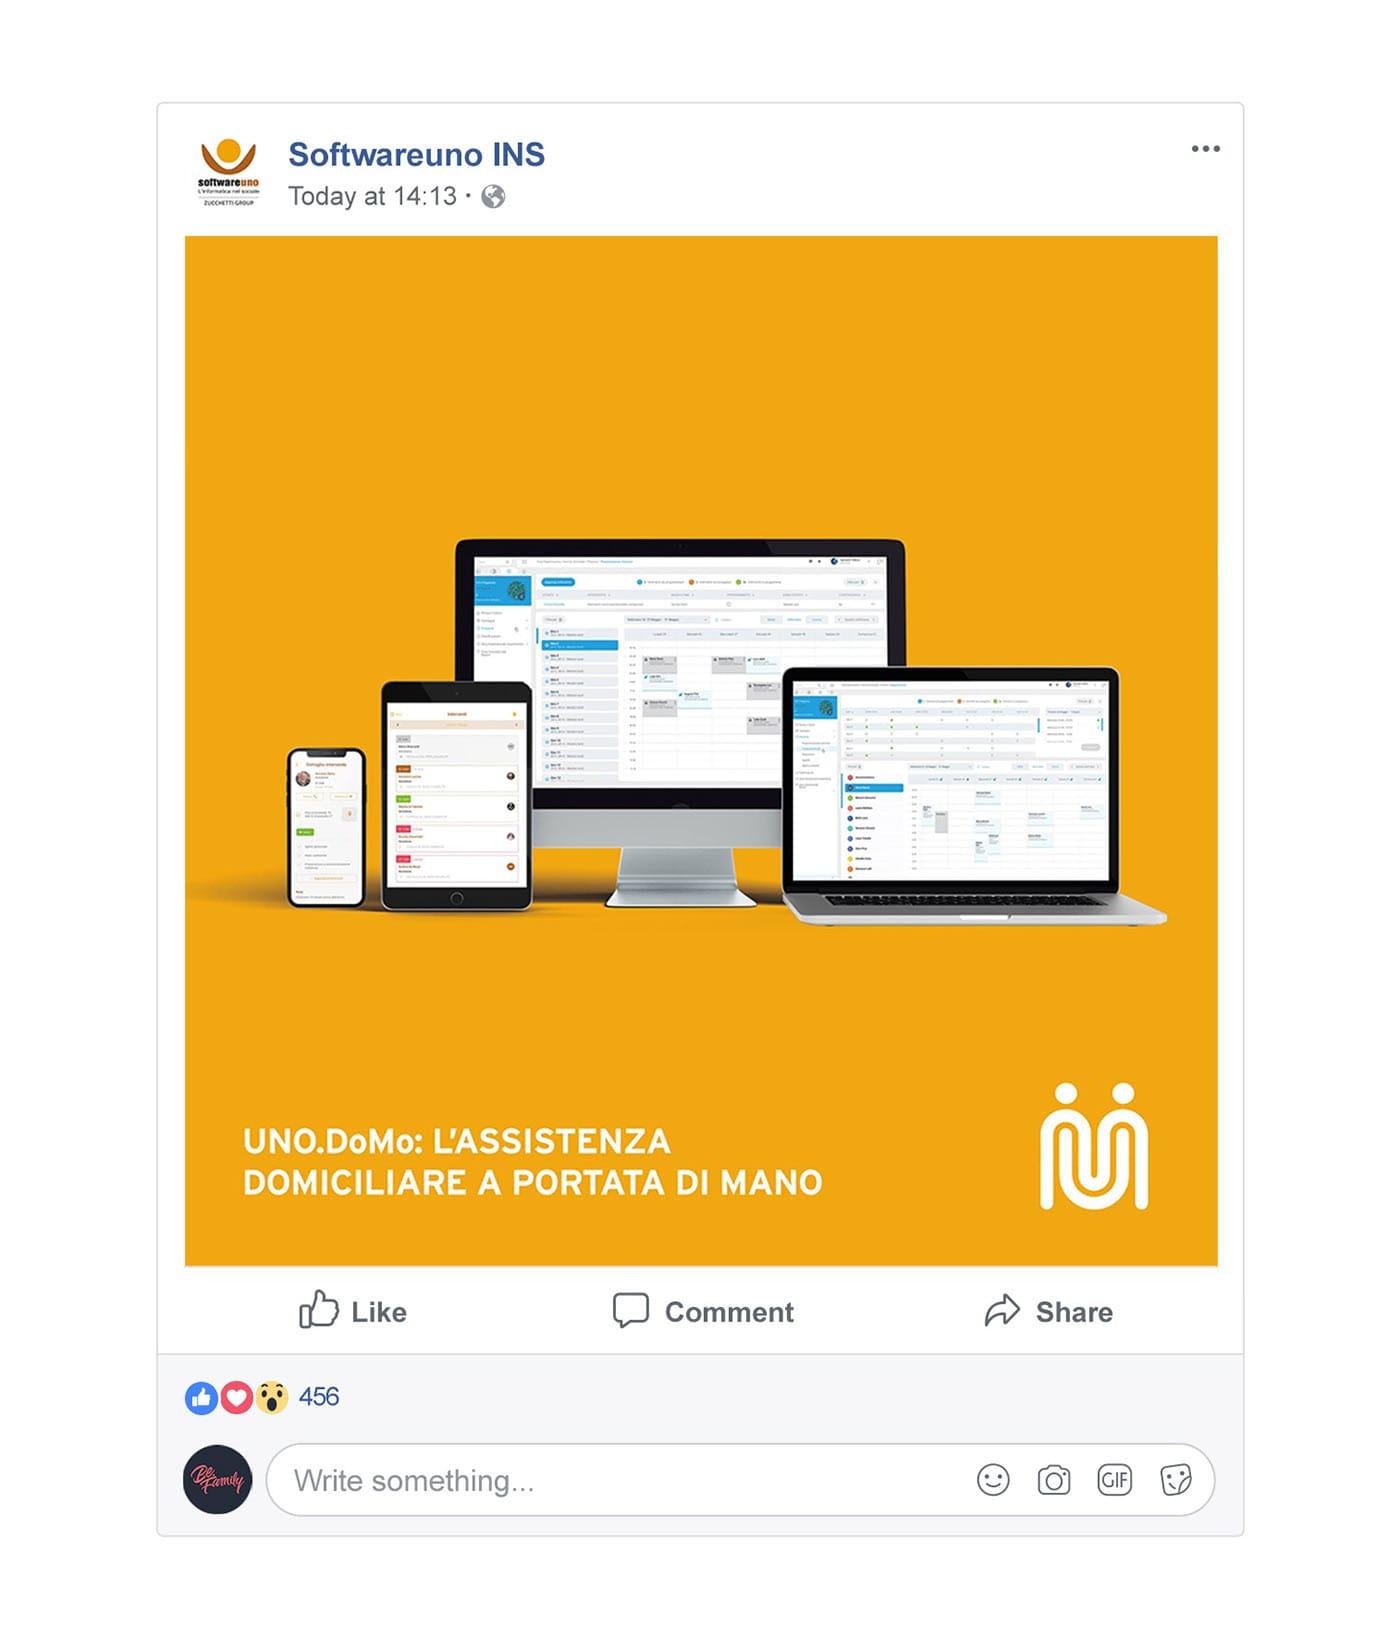 Softwareuno Social Media Post 4